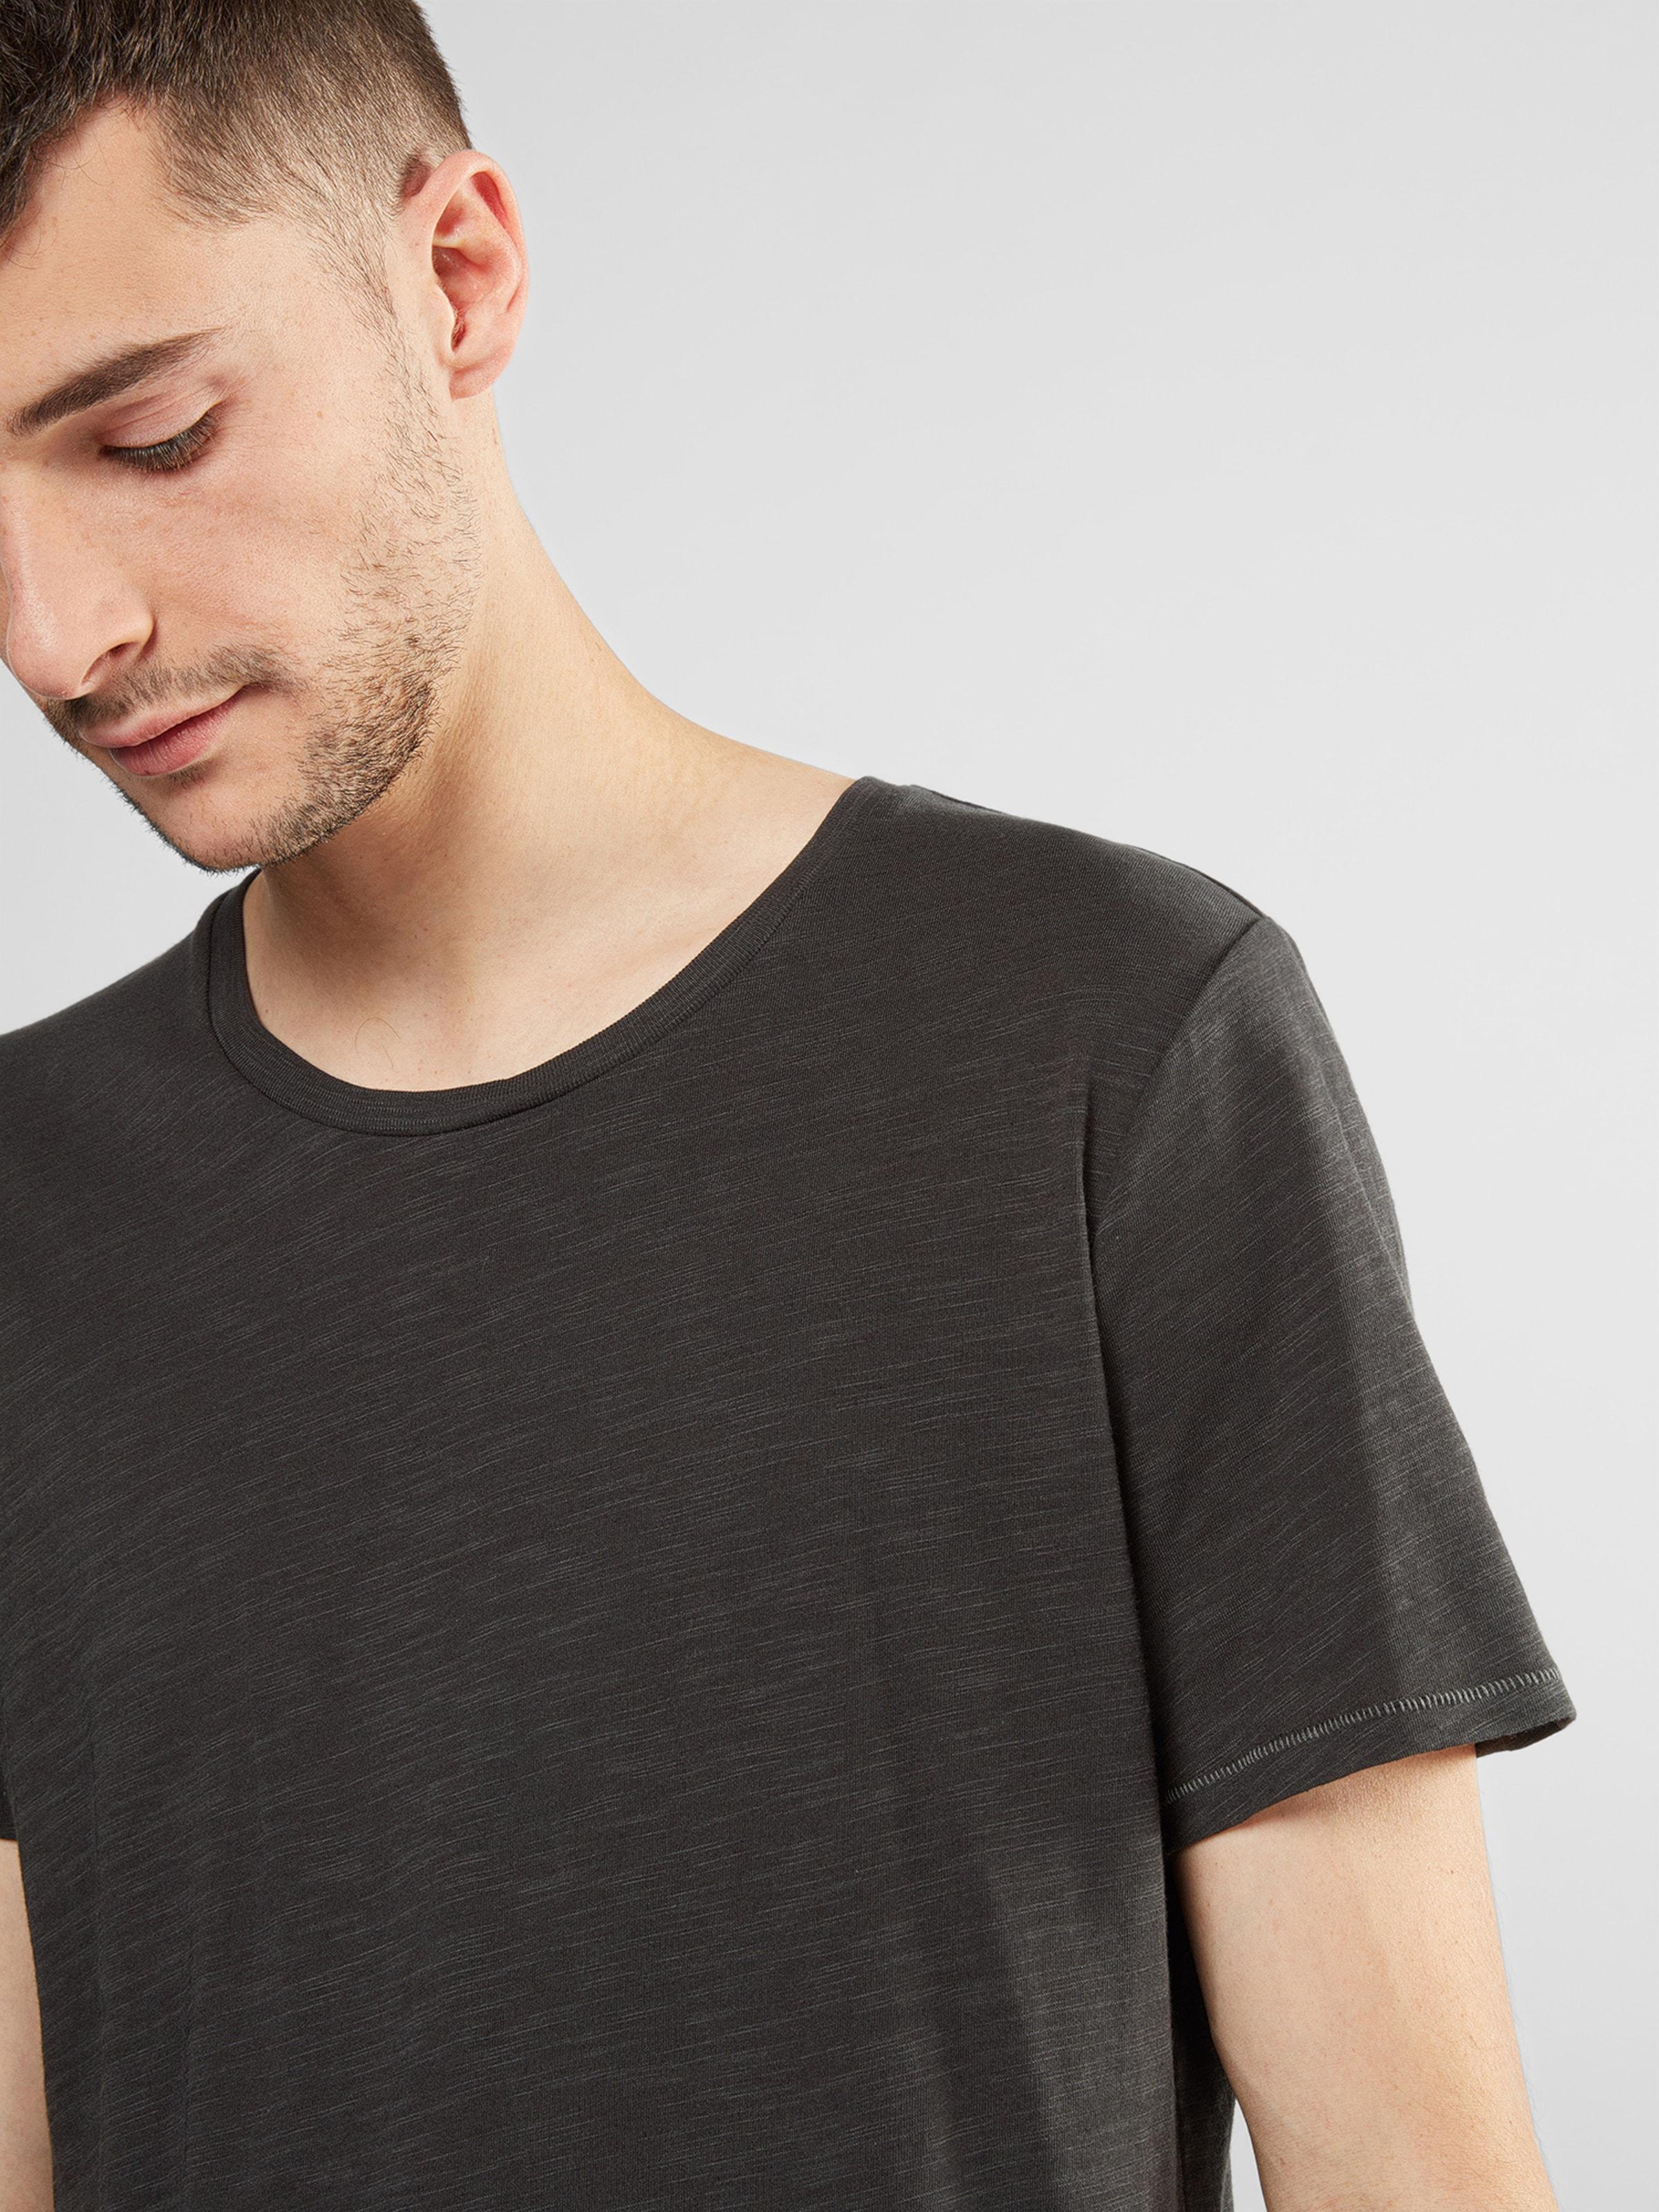 NOWADAYS T-Shirt 'The Crew Neck Tee' Footlocker Finish Günstig Online Jesbg